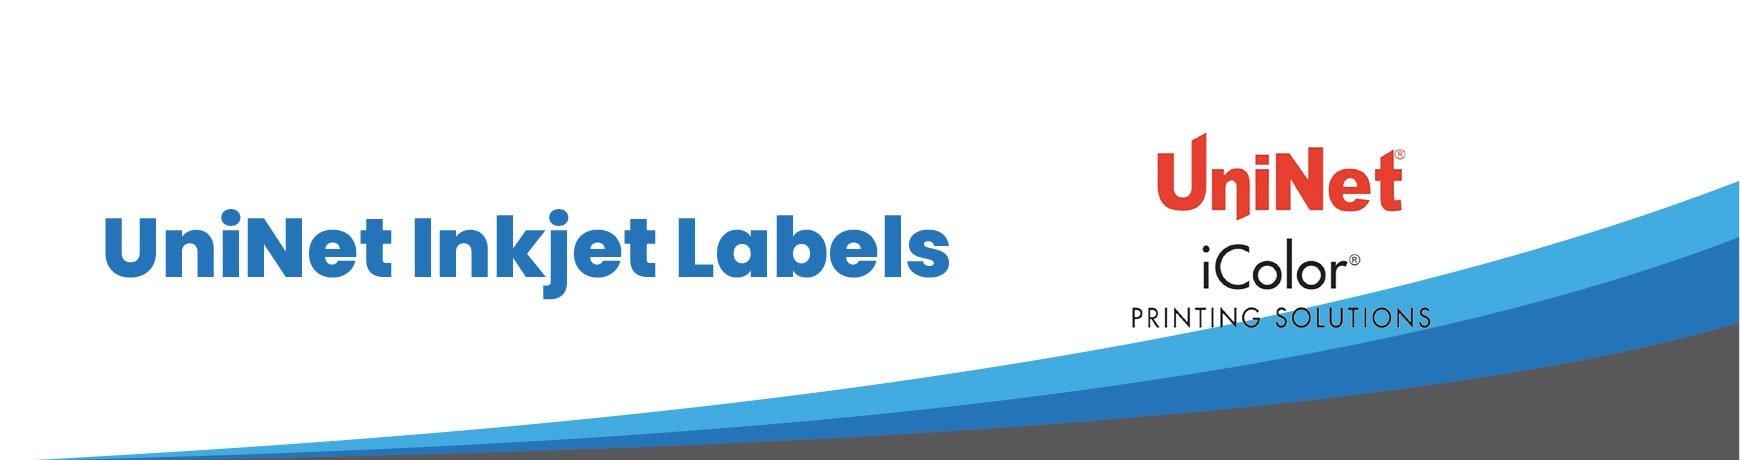 UniNet Inkjet Labels